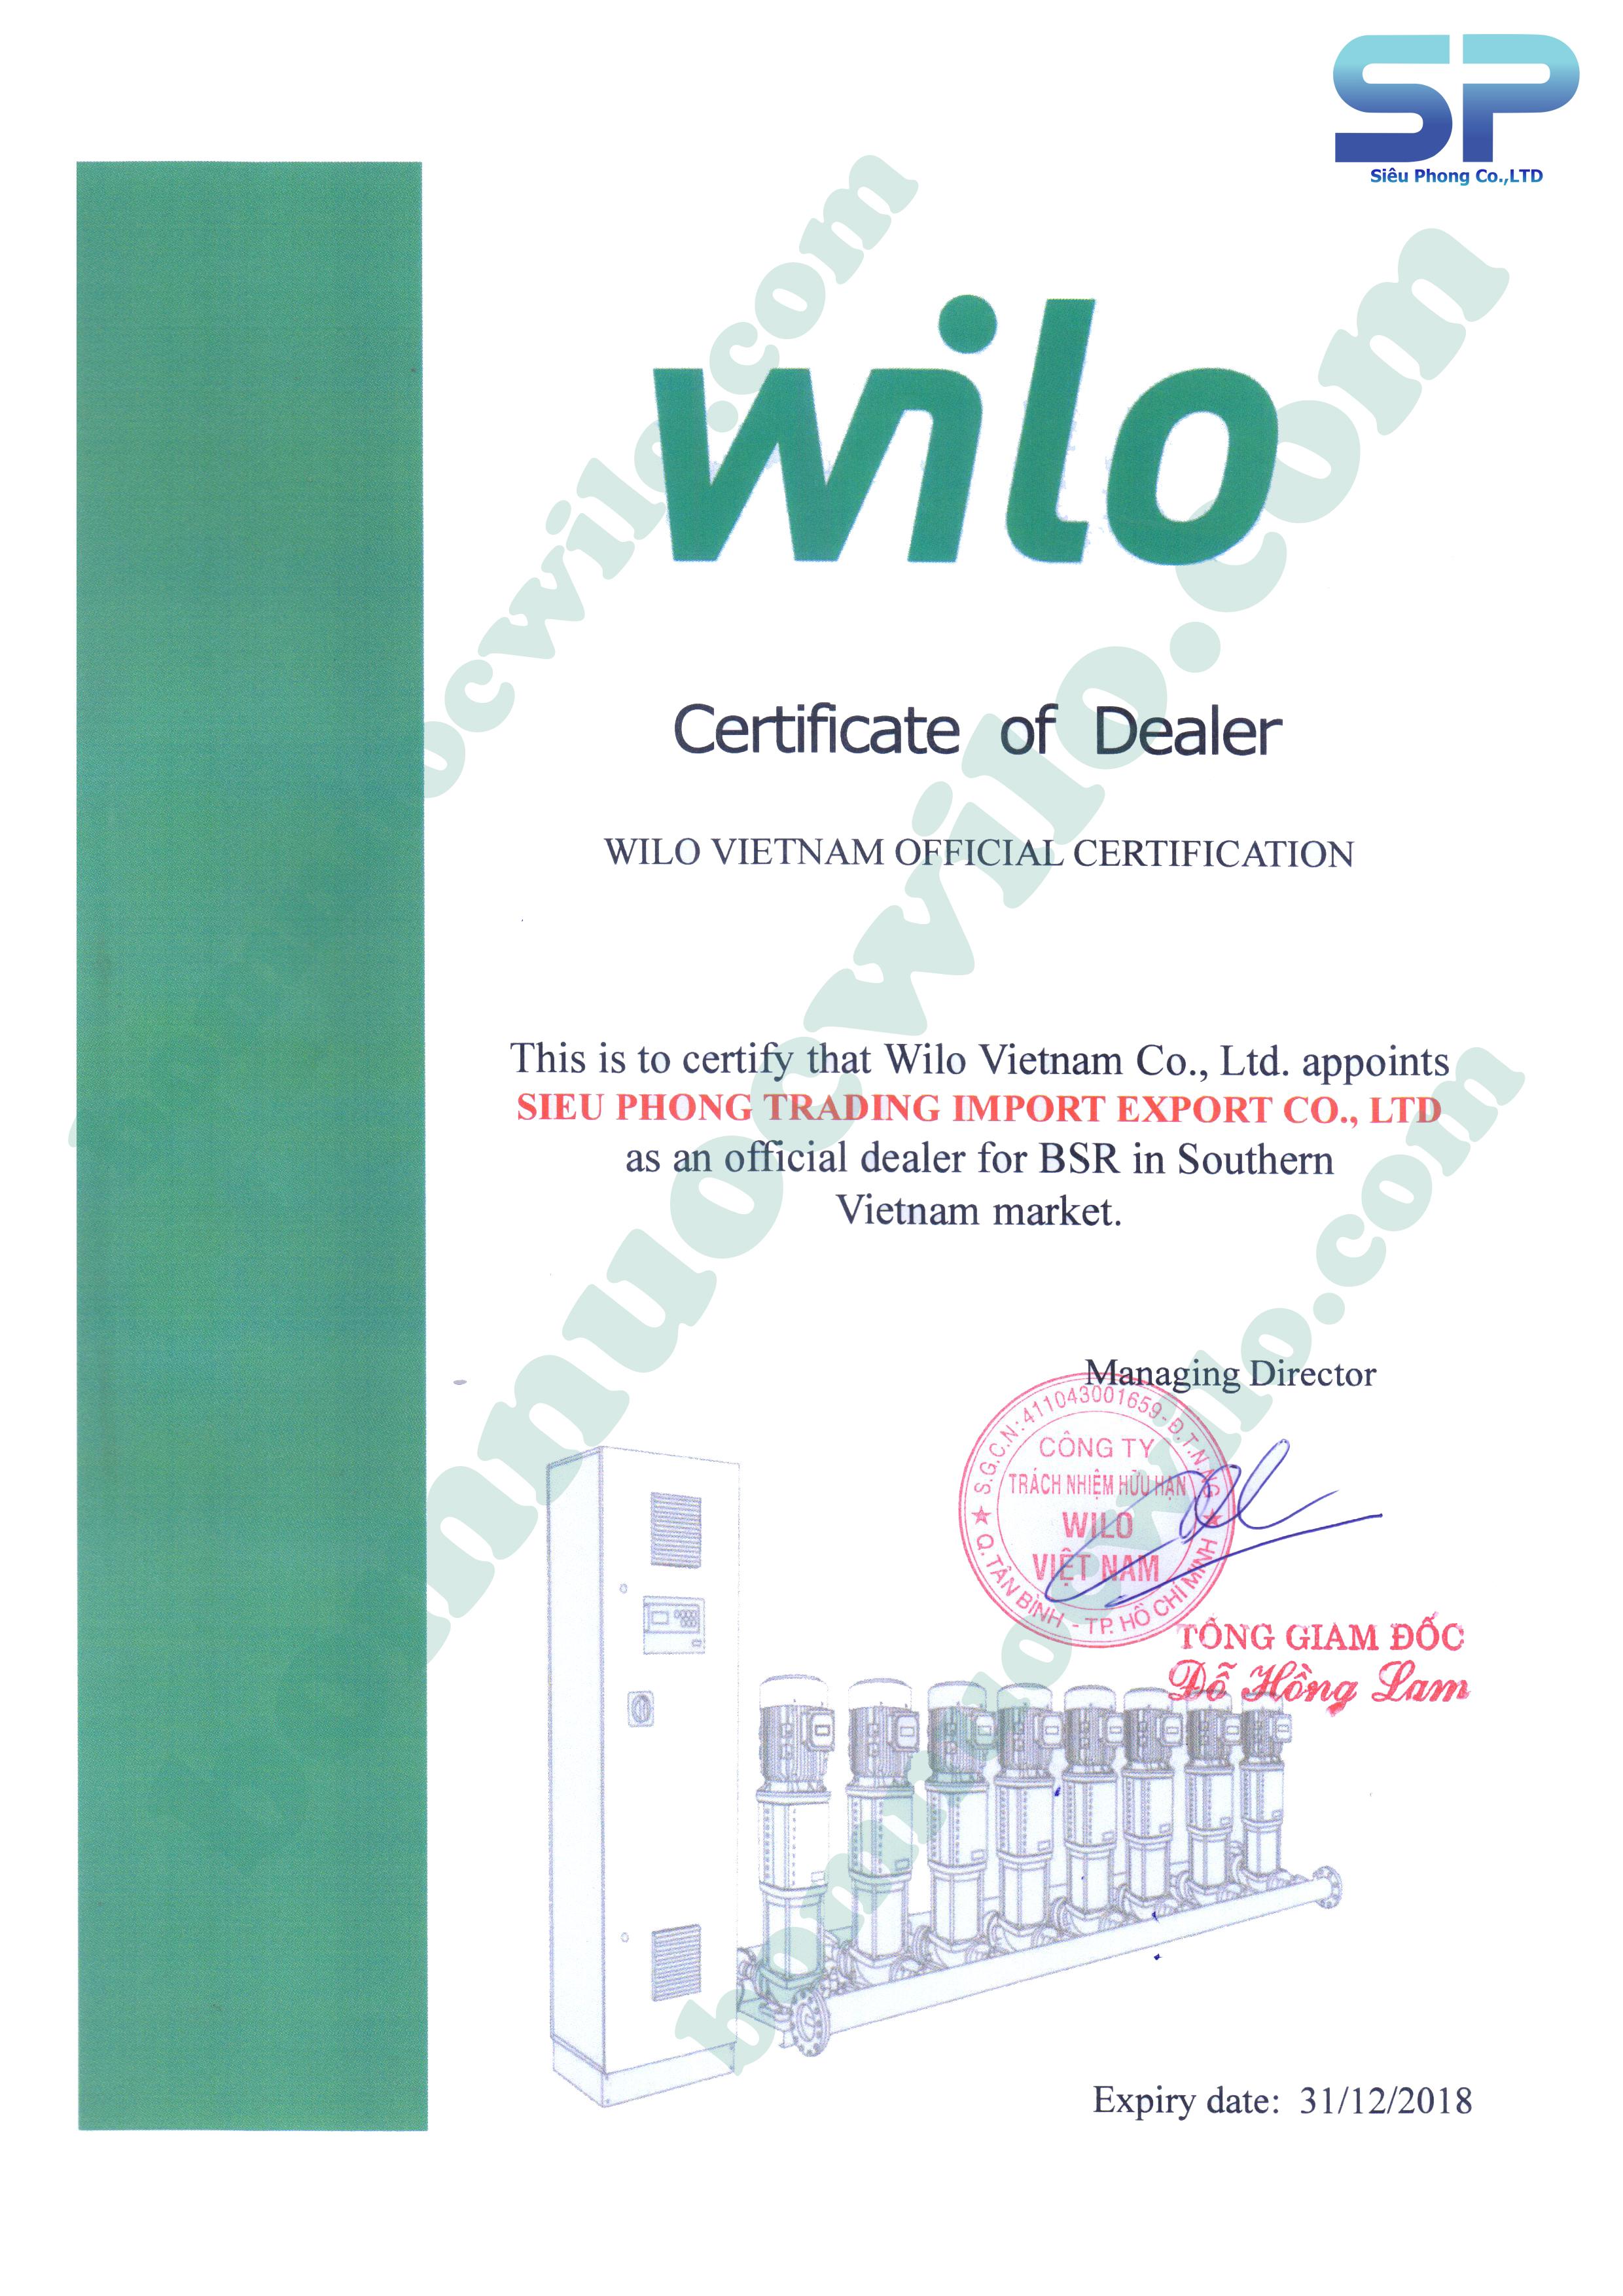 Chứng nhận nhà phân phối ủy quyền WILO 2018